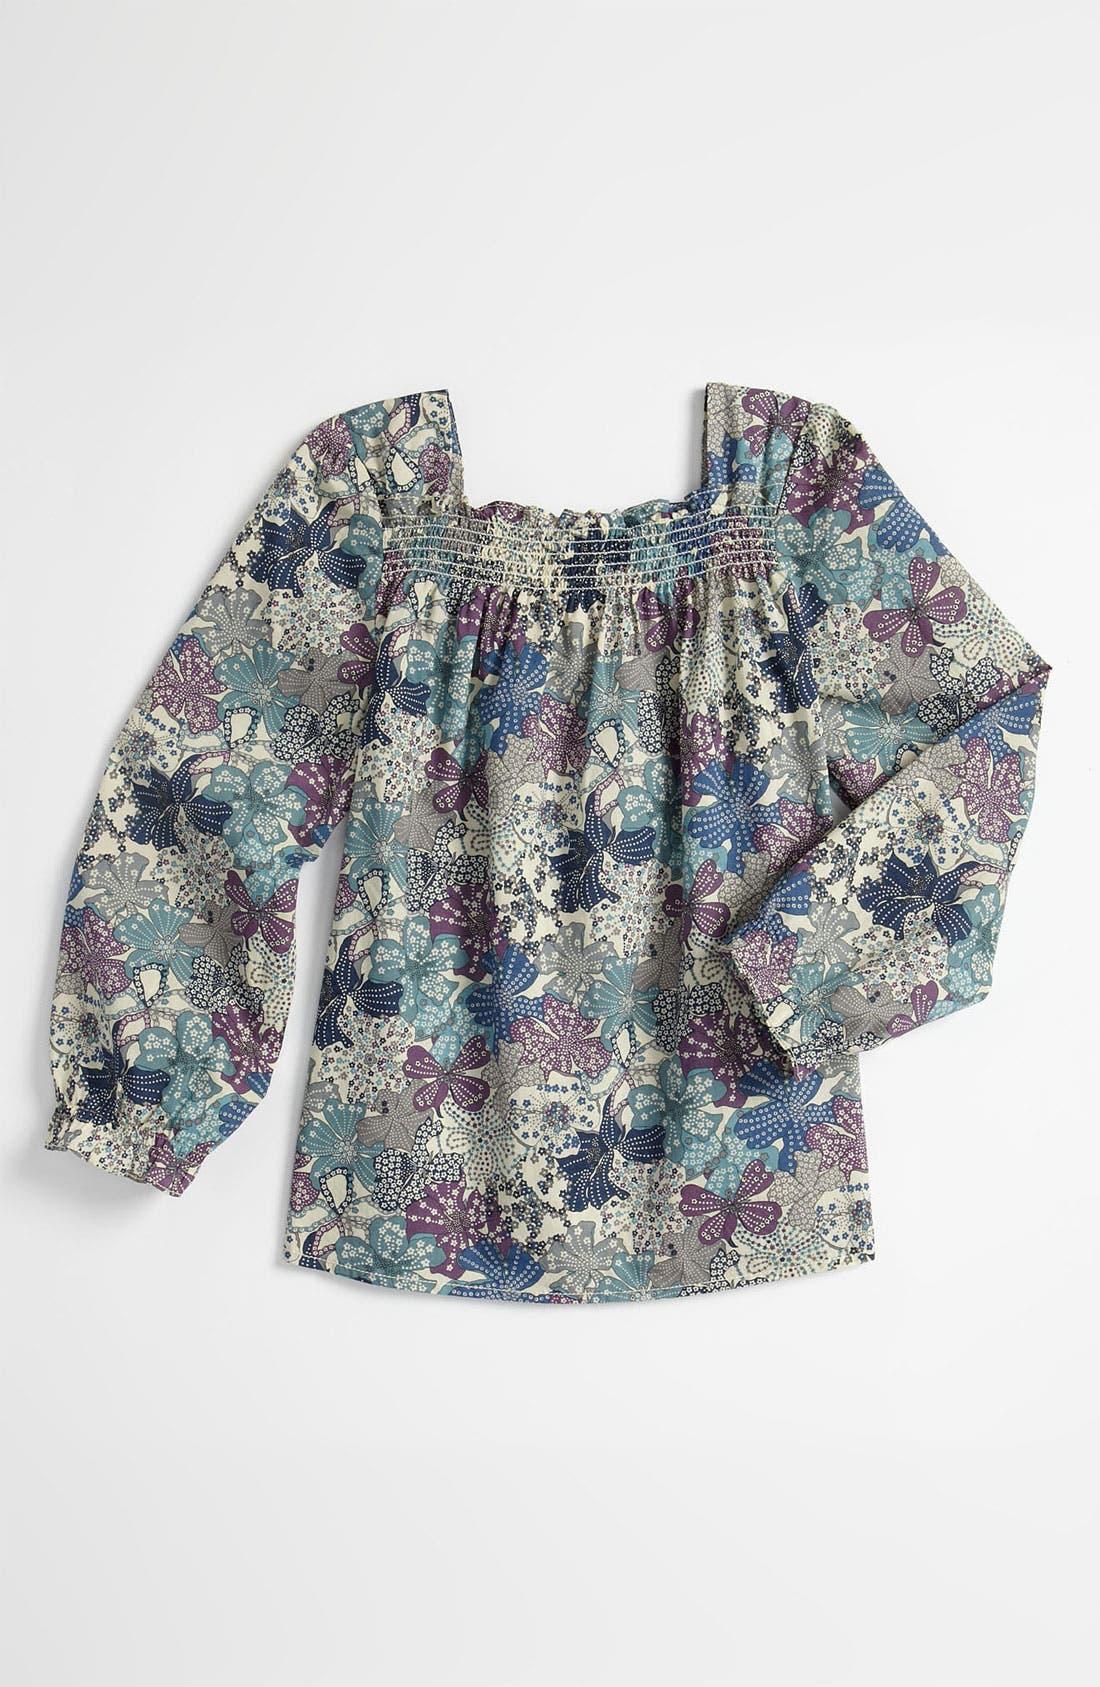 Alternate Image 1 Selected - Peek 'Chrysanthemum' Top (Toddler, Little Girls & Big Girls)